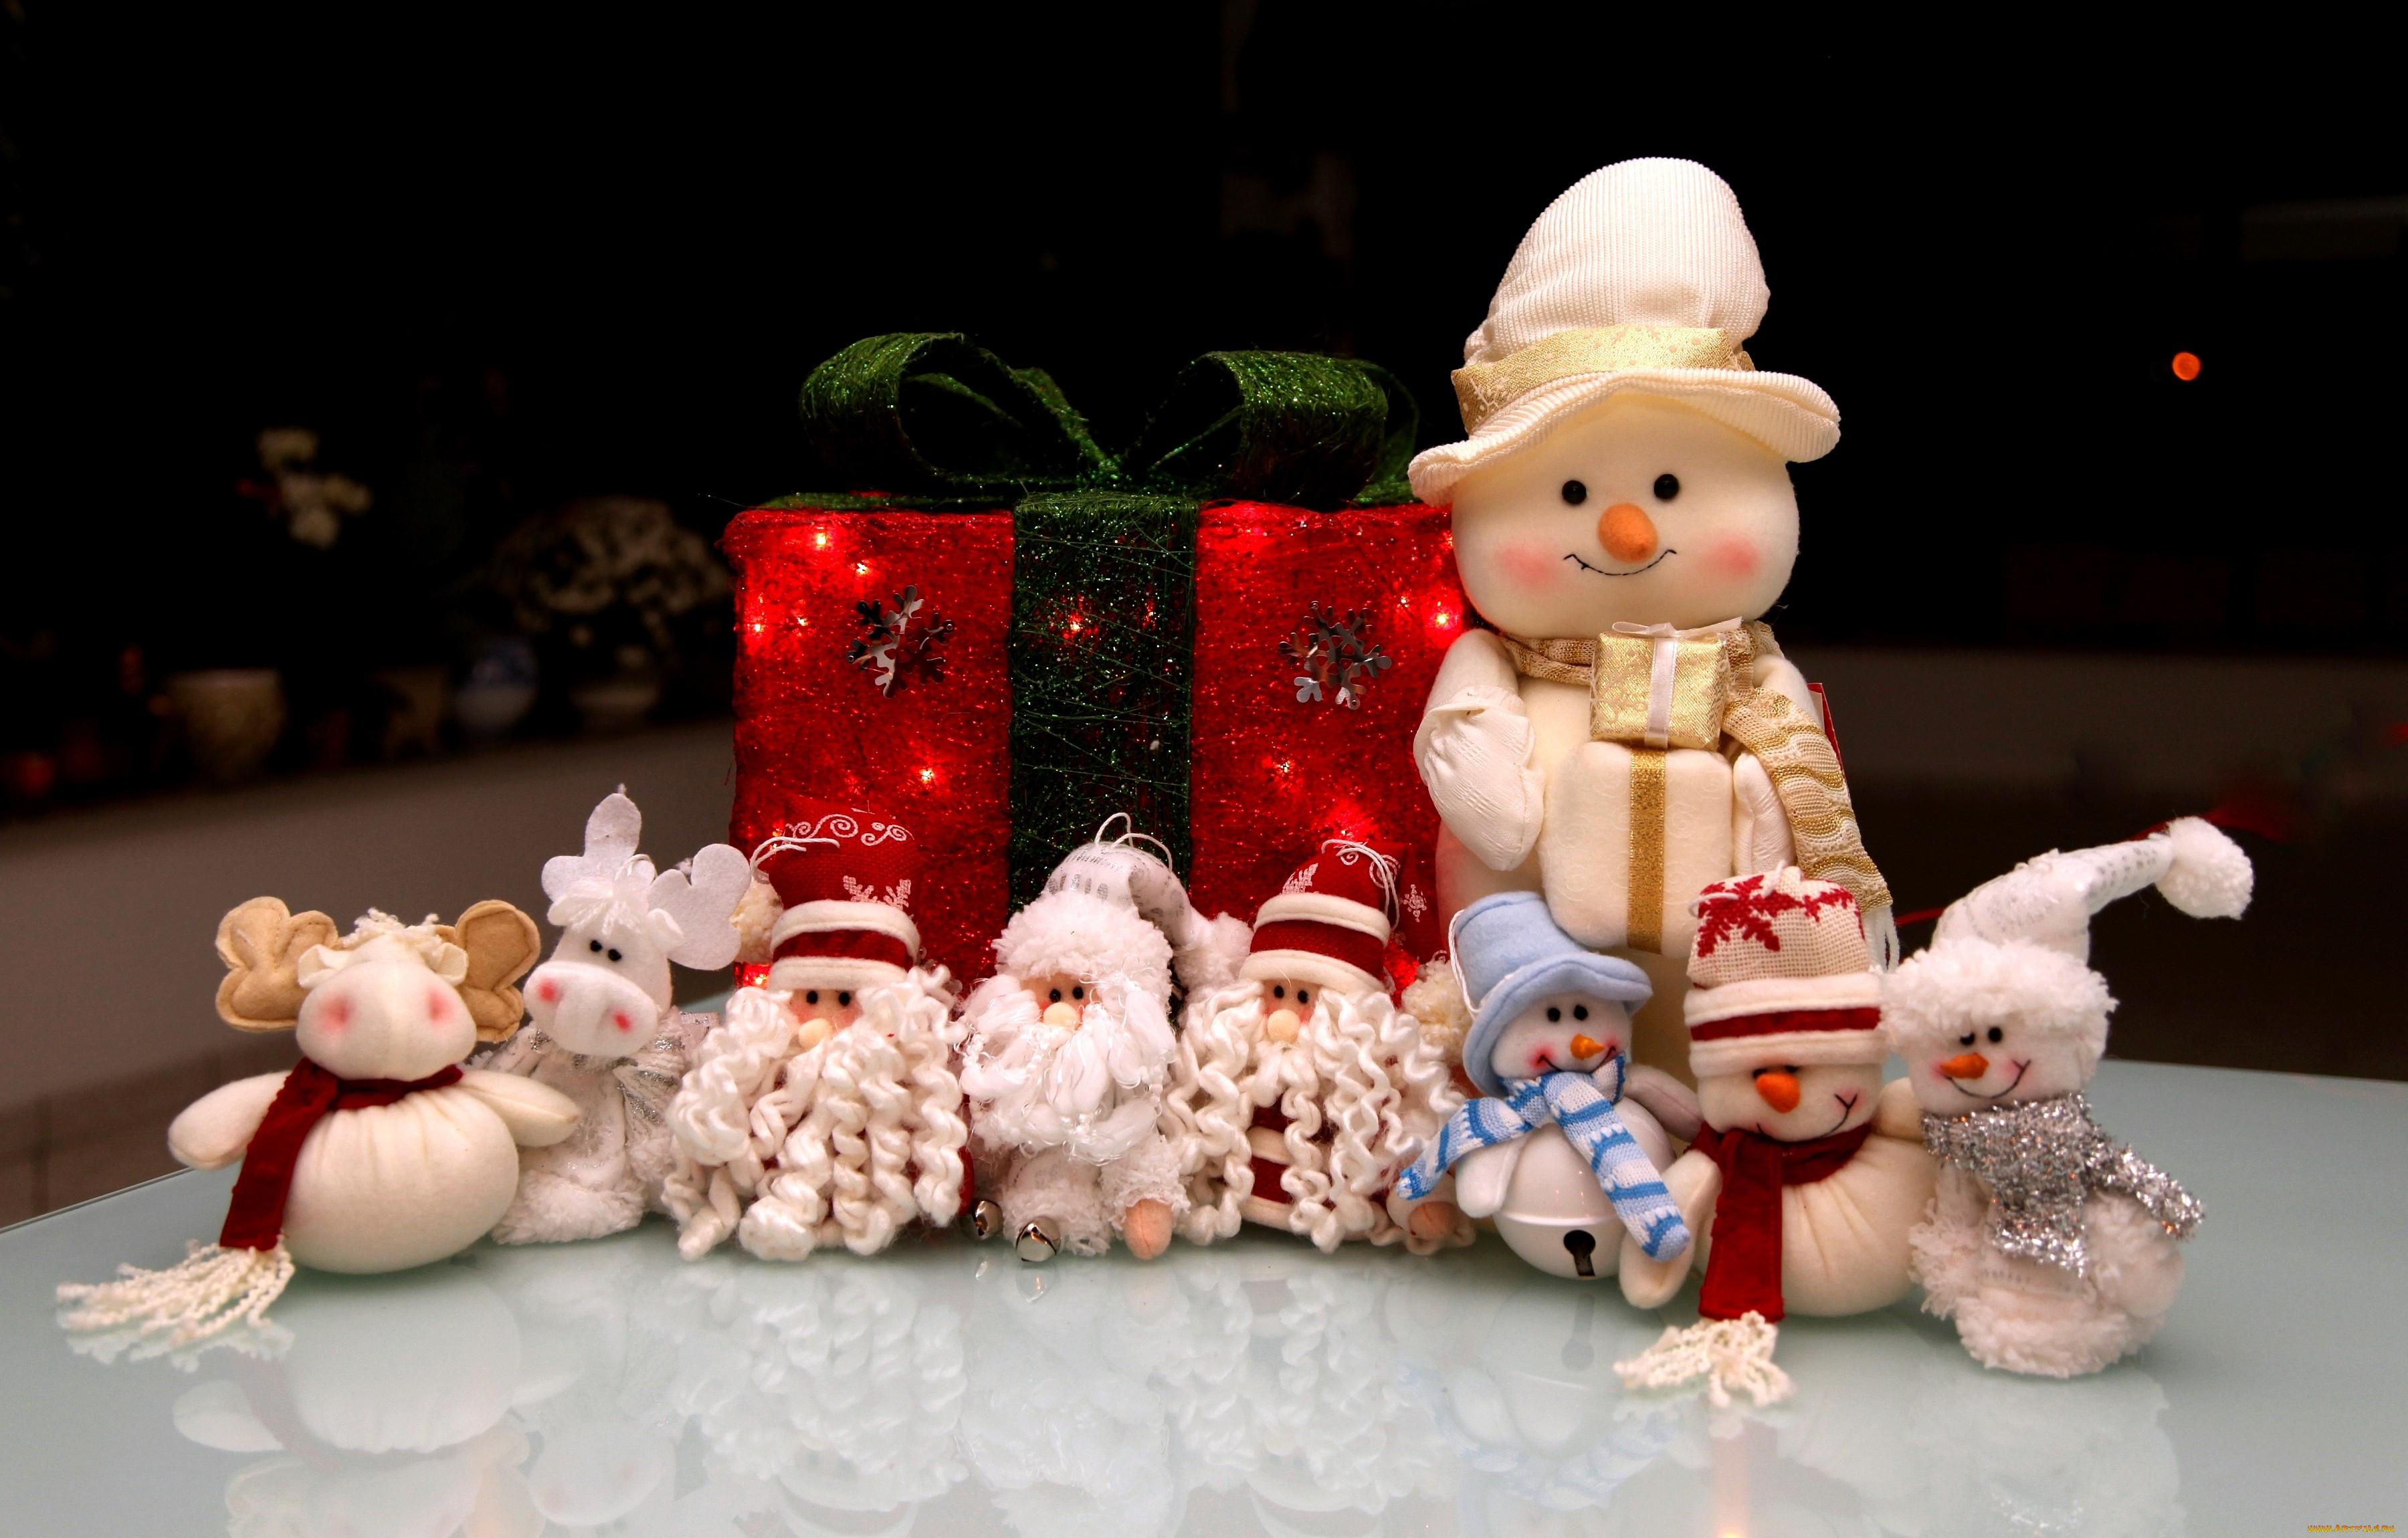 производят новый год картинки на рабочий стол игрушки заметить, что для